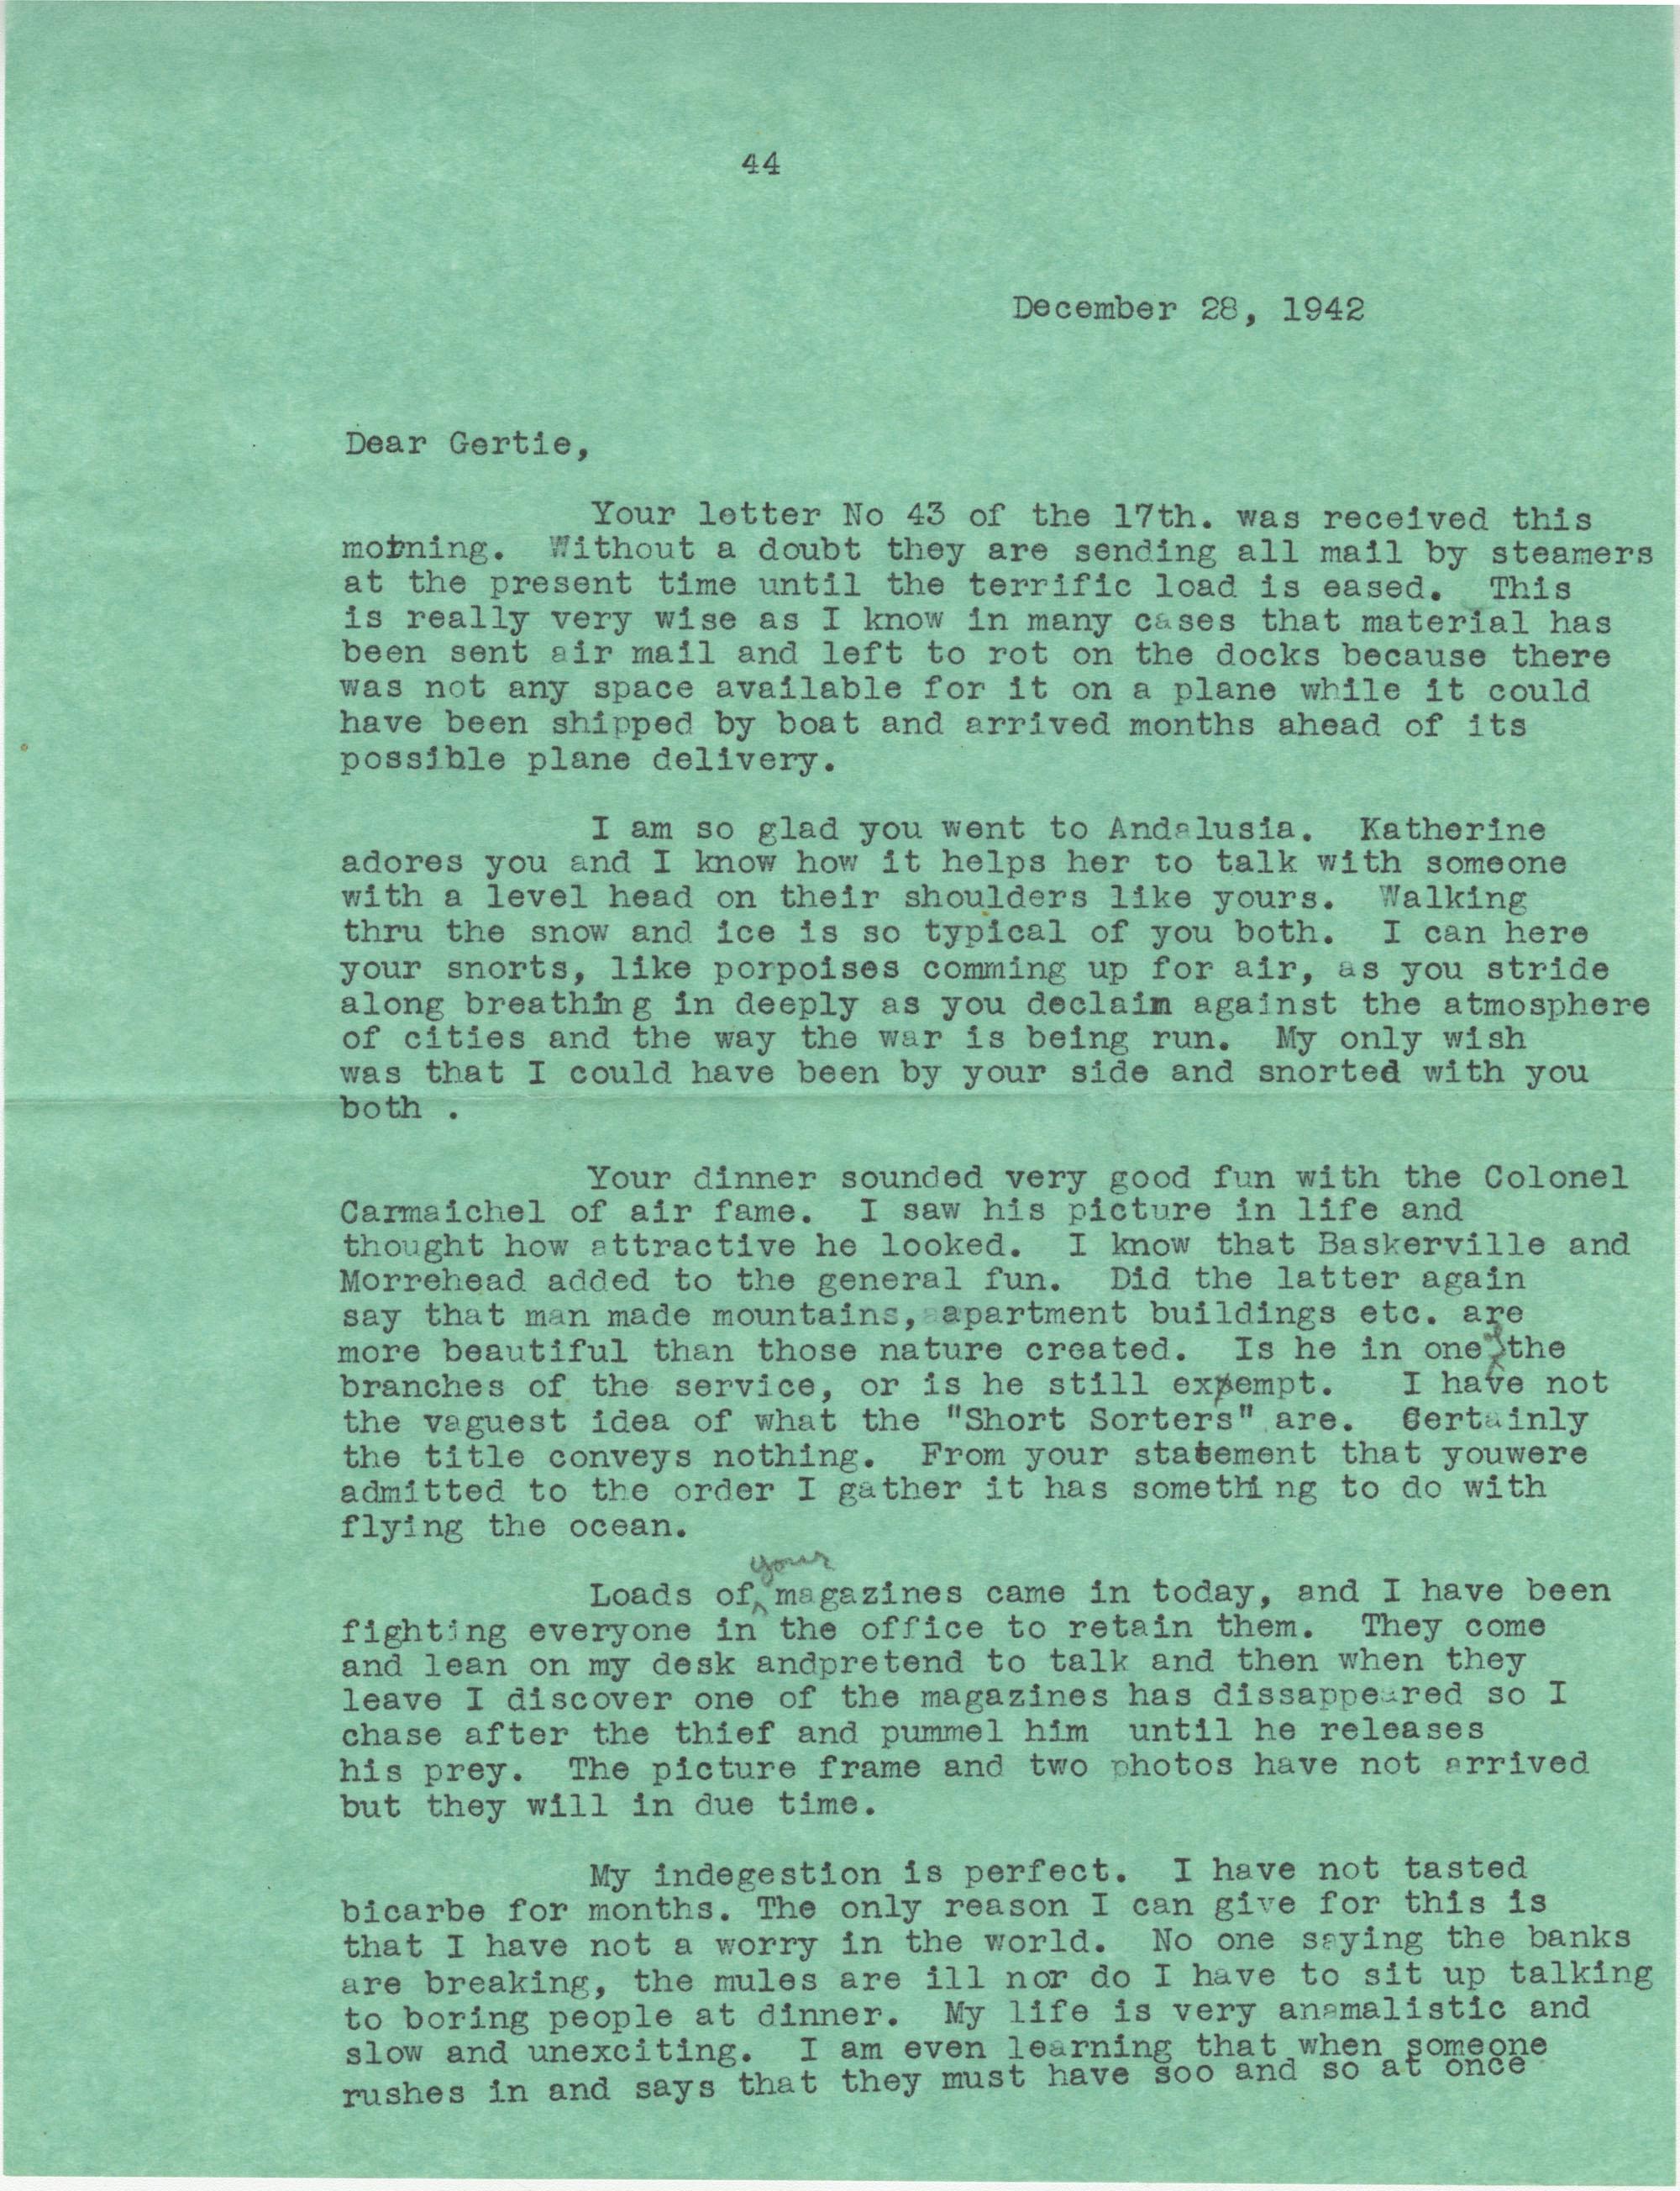 Letter from Sidney Jennings Legendre, December 28, 1942